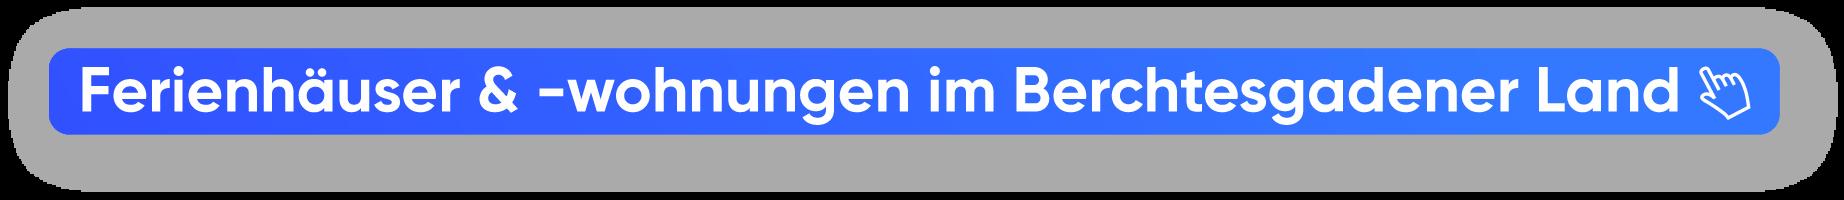 Button Berchtesgadener Land